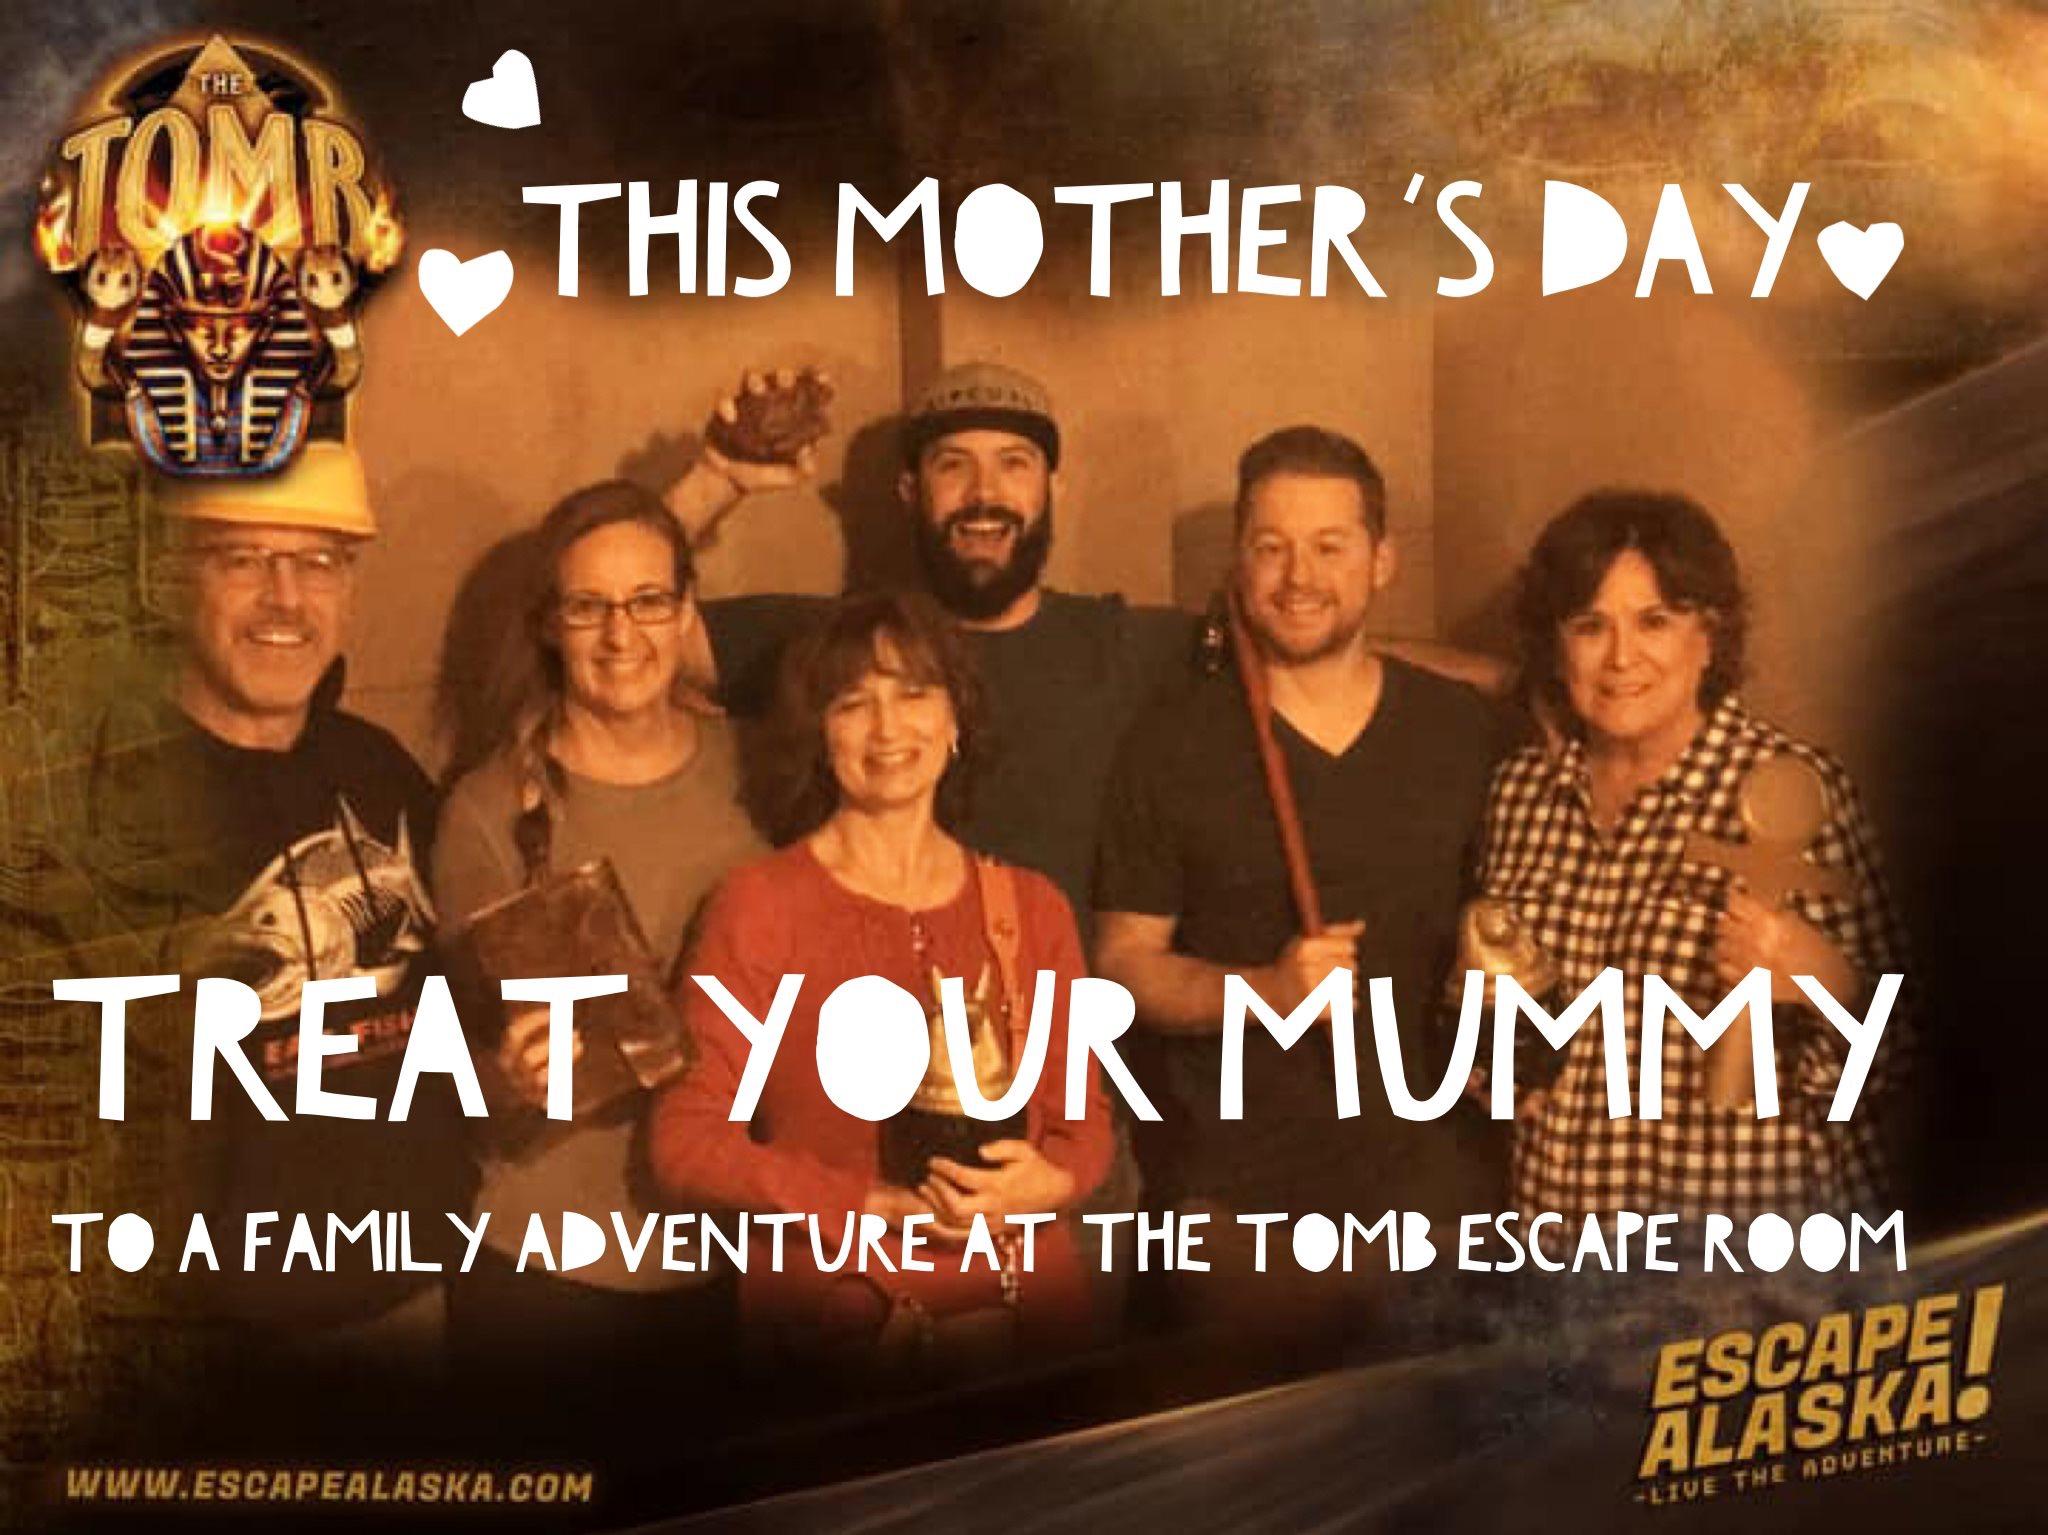 #mothersday #escapealaska #playescapeak #escaperoom #anchorage #alaska